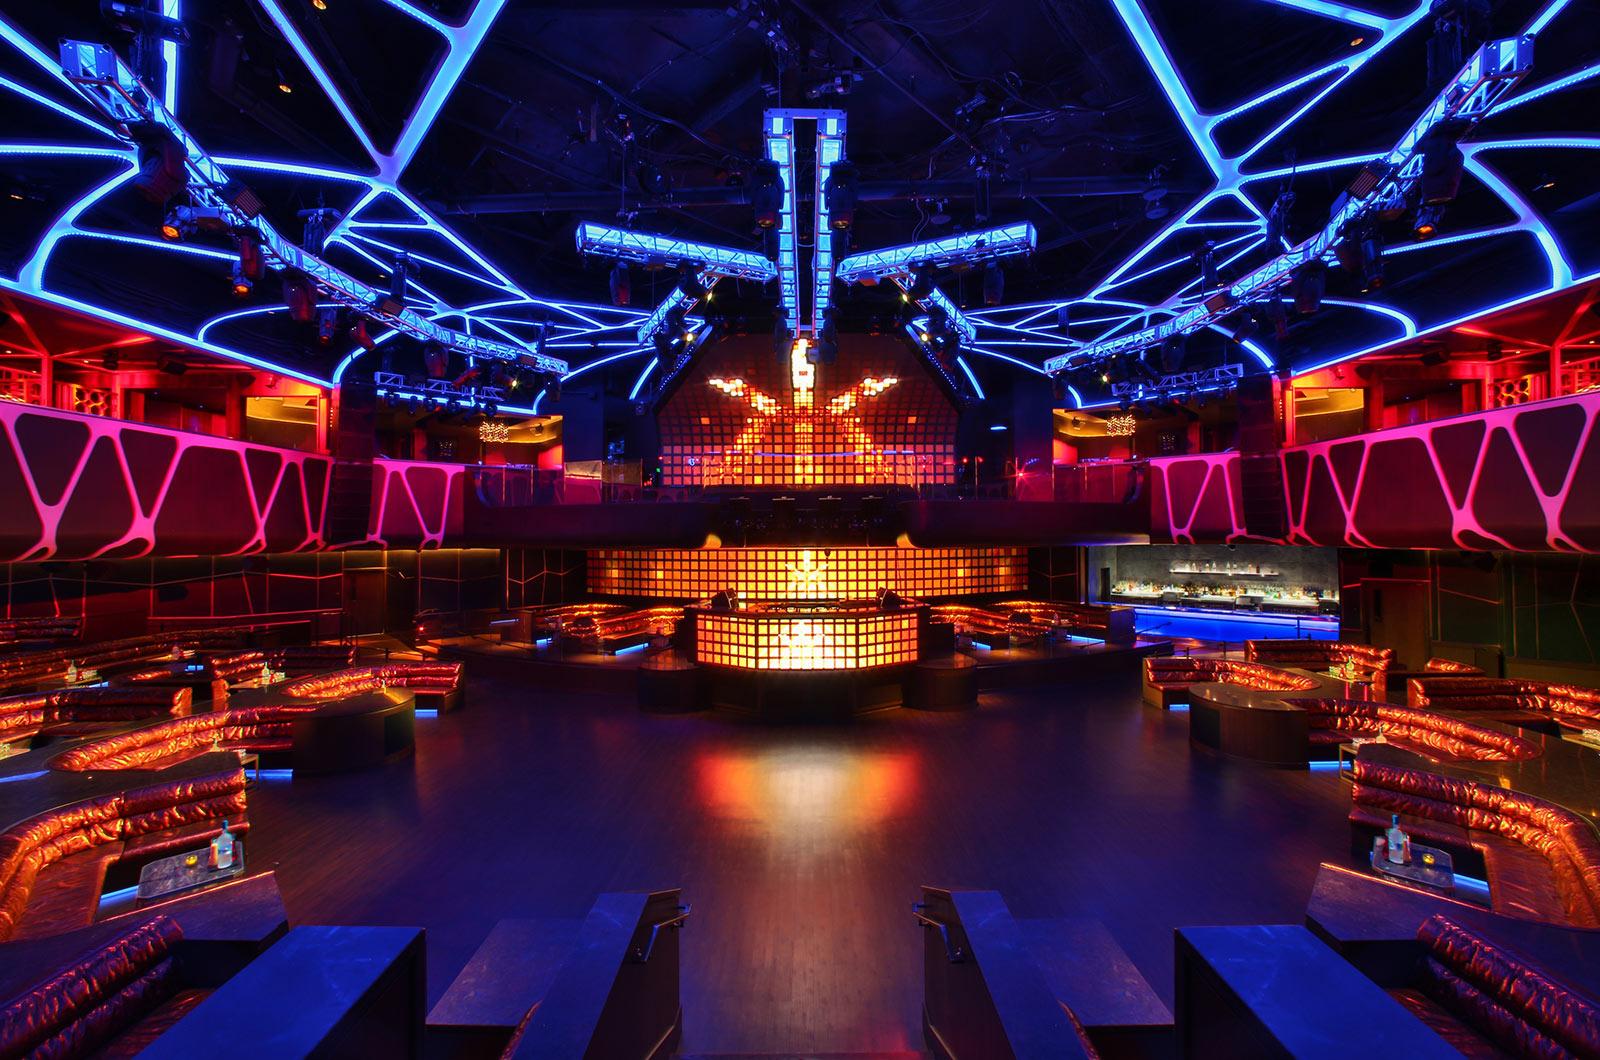 hakkasan-nightclub-nighclub-virtual-tour-club-virtual-tours-nightclub-360-photography-service